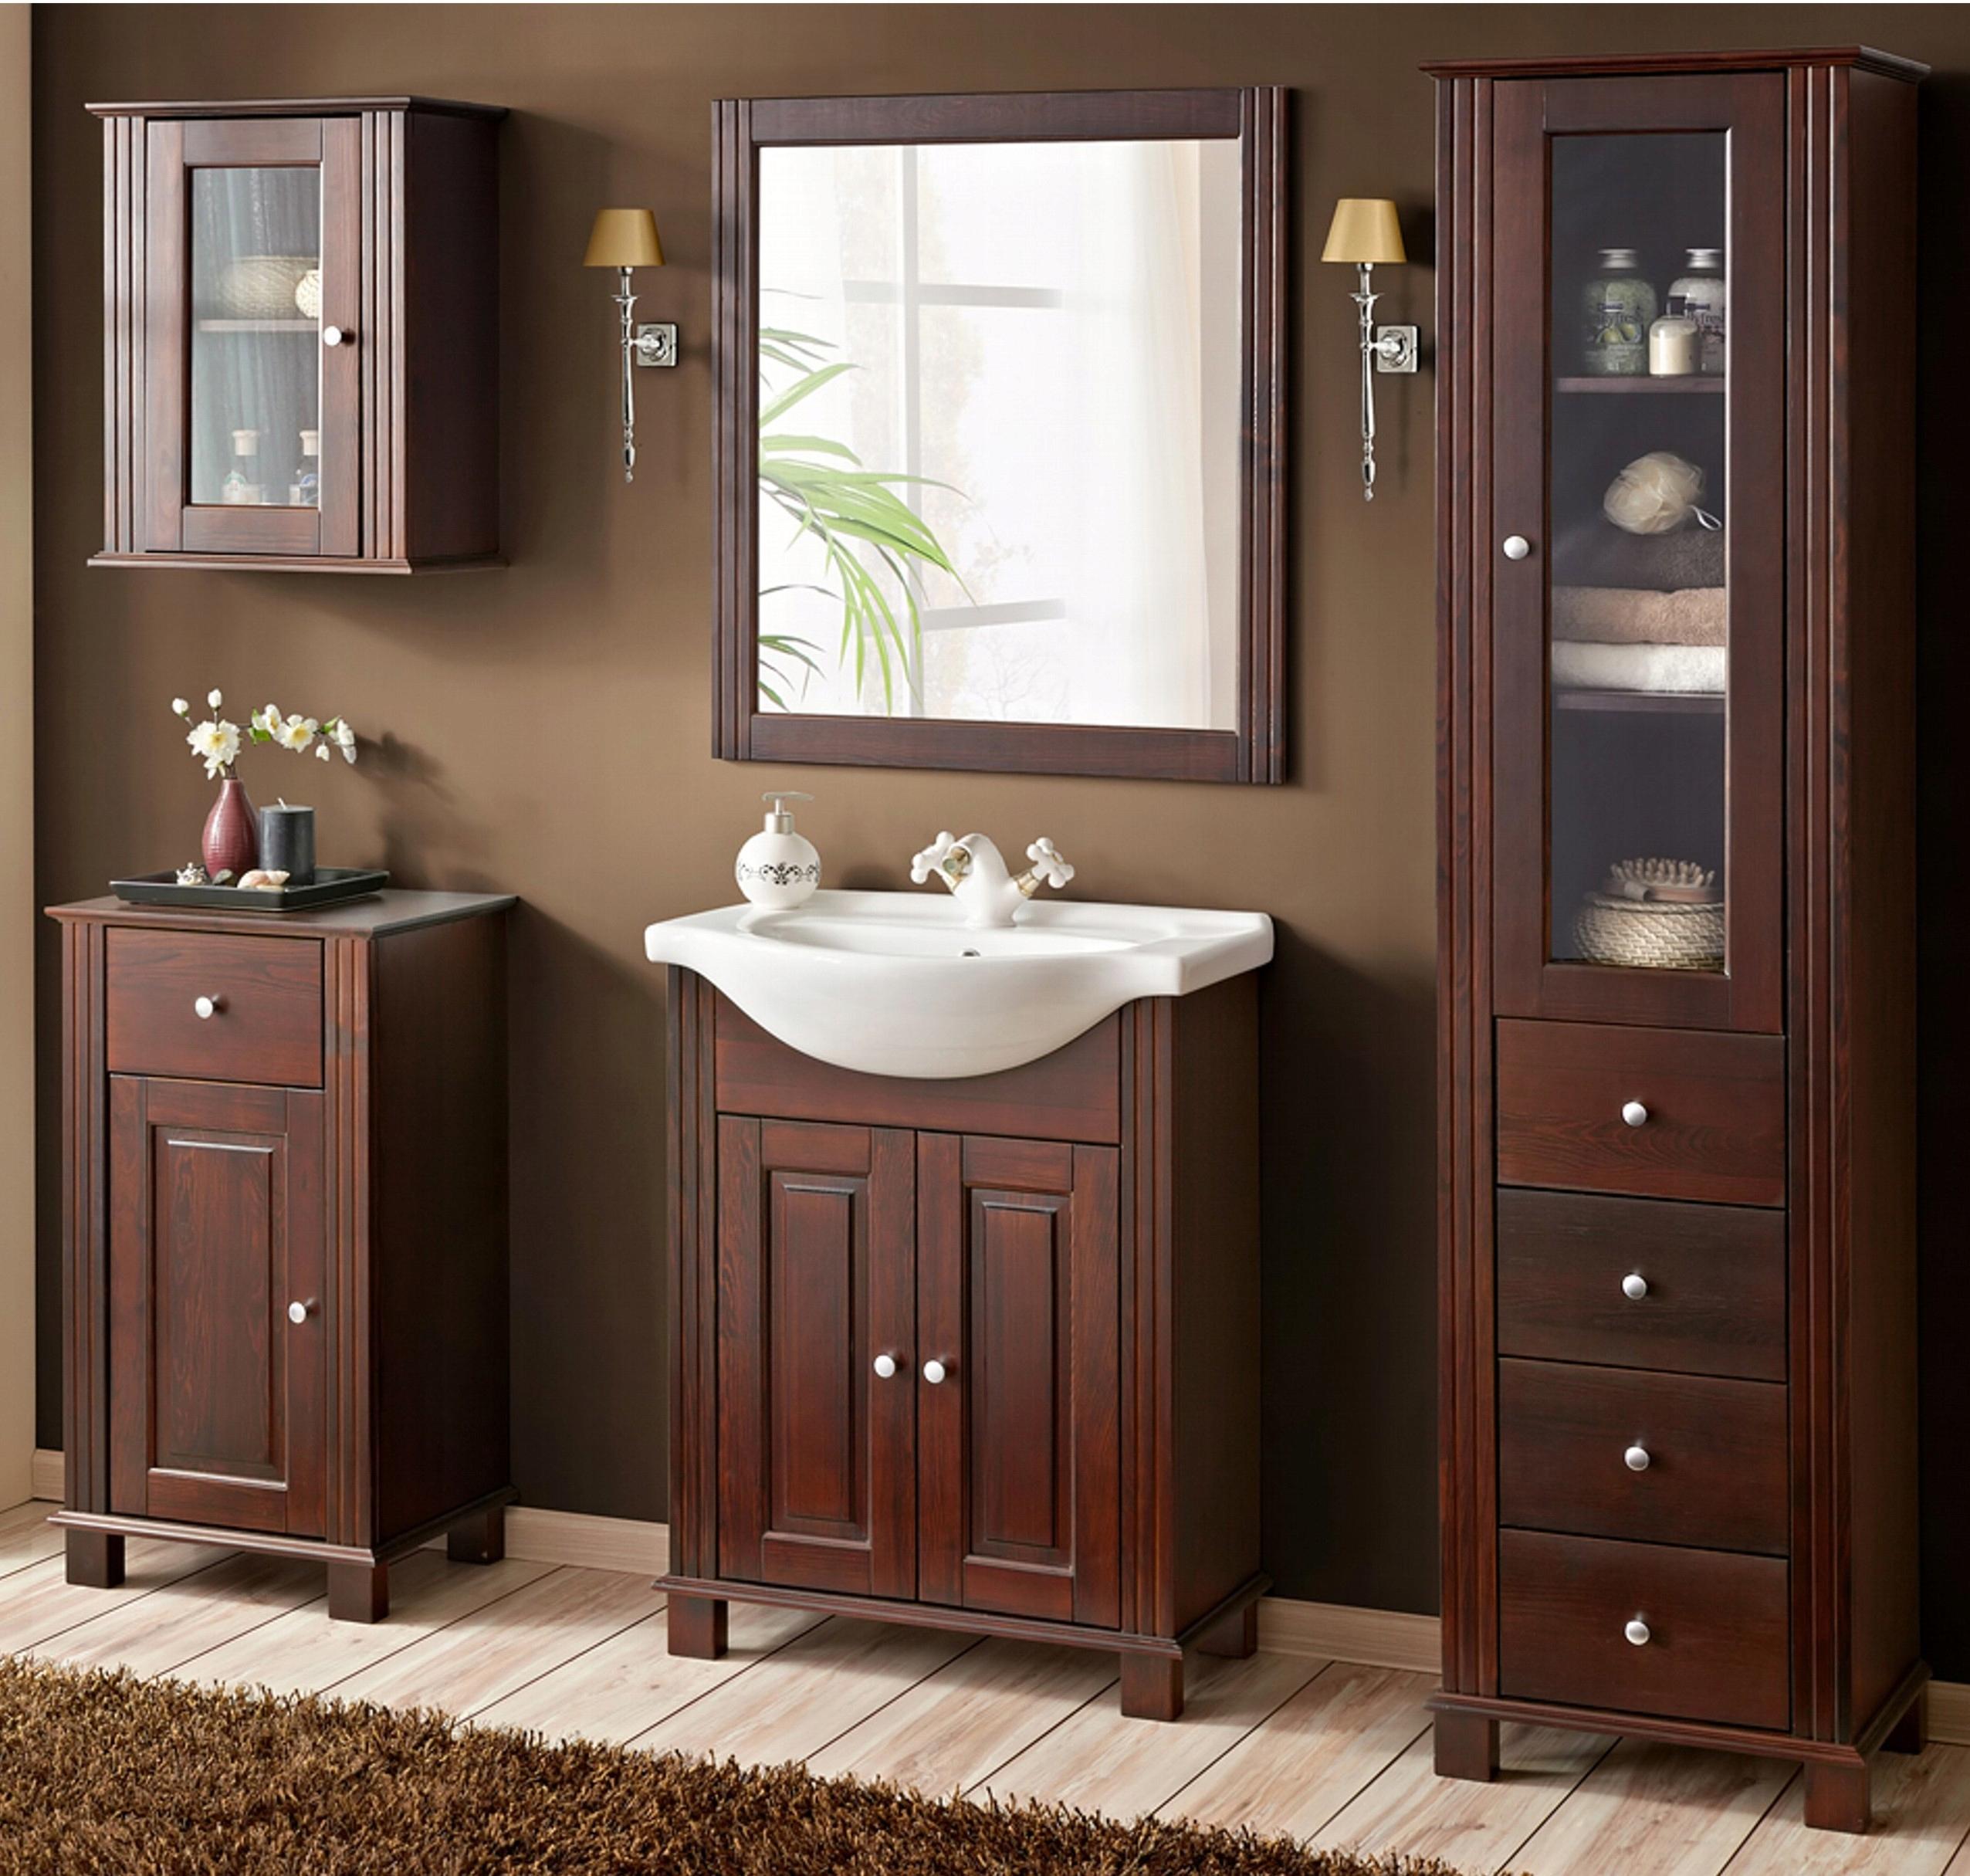 kúpeľňa RETRO-65 kúpeľňový nábytok, drevo, bronz